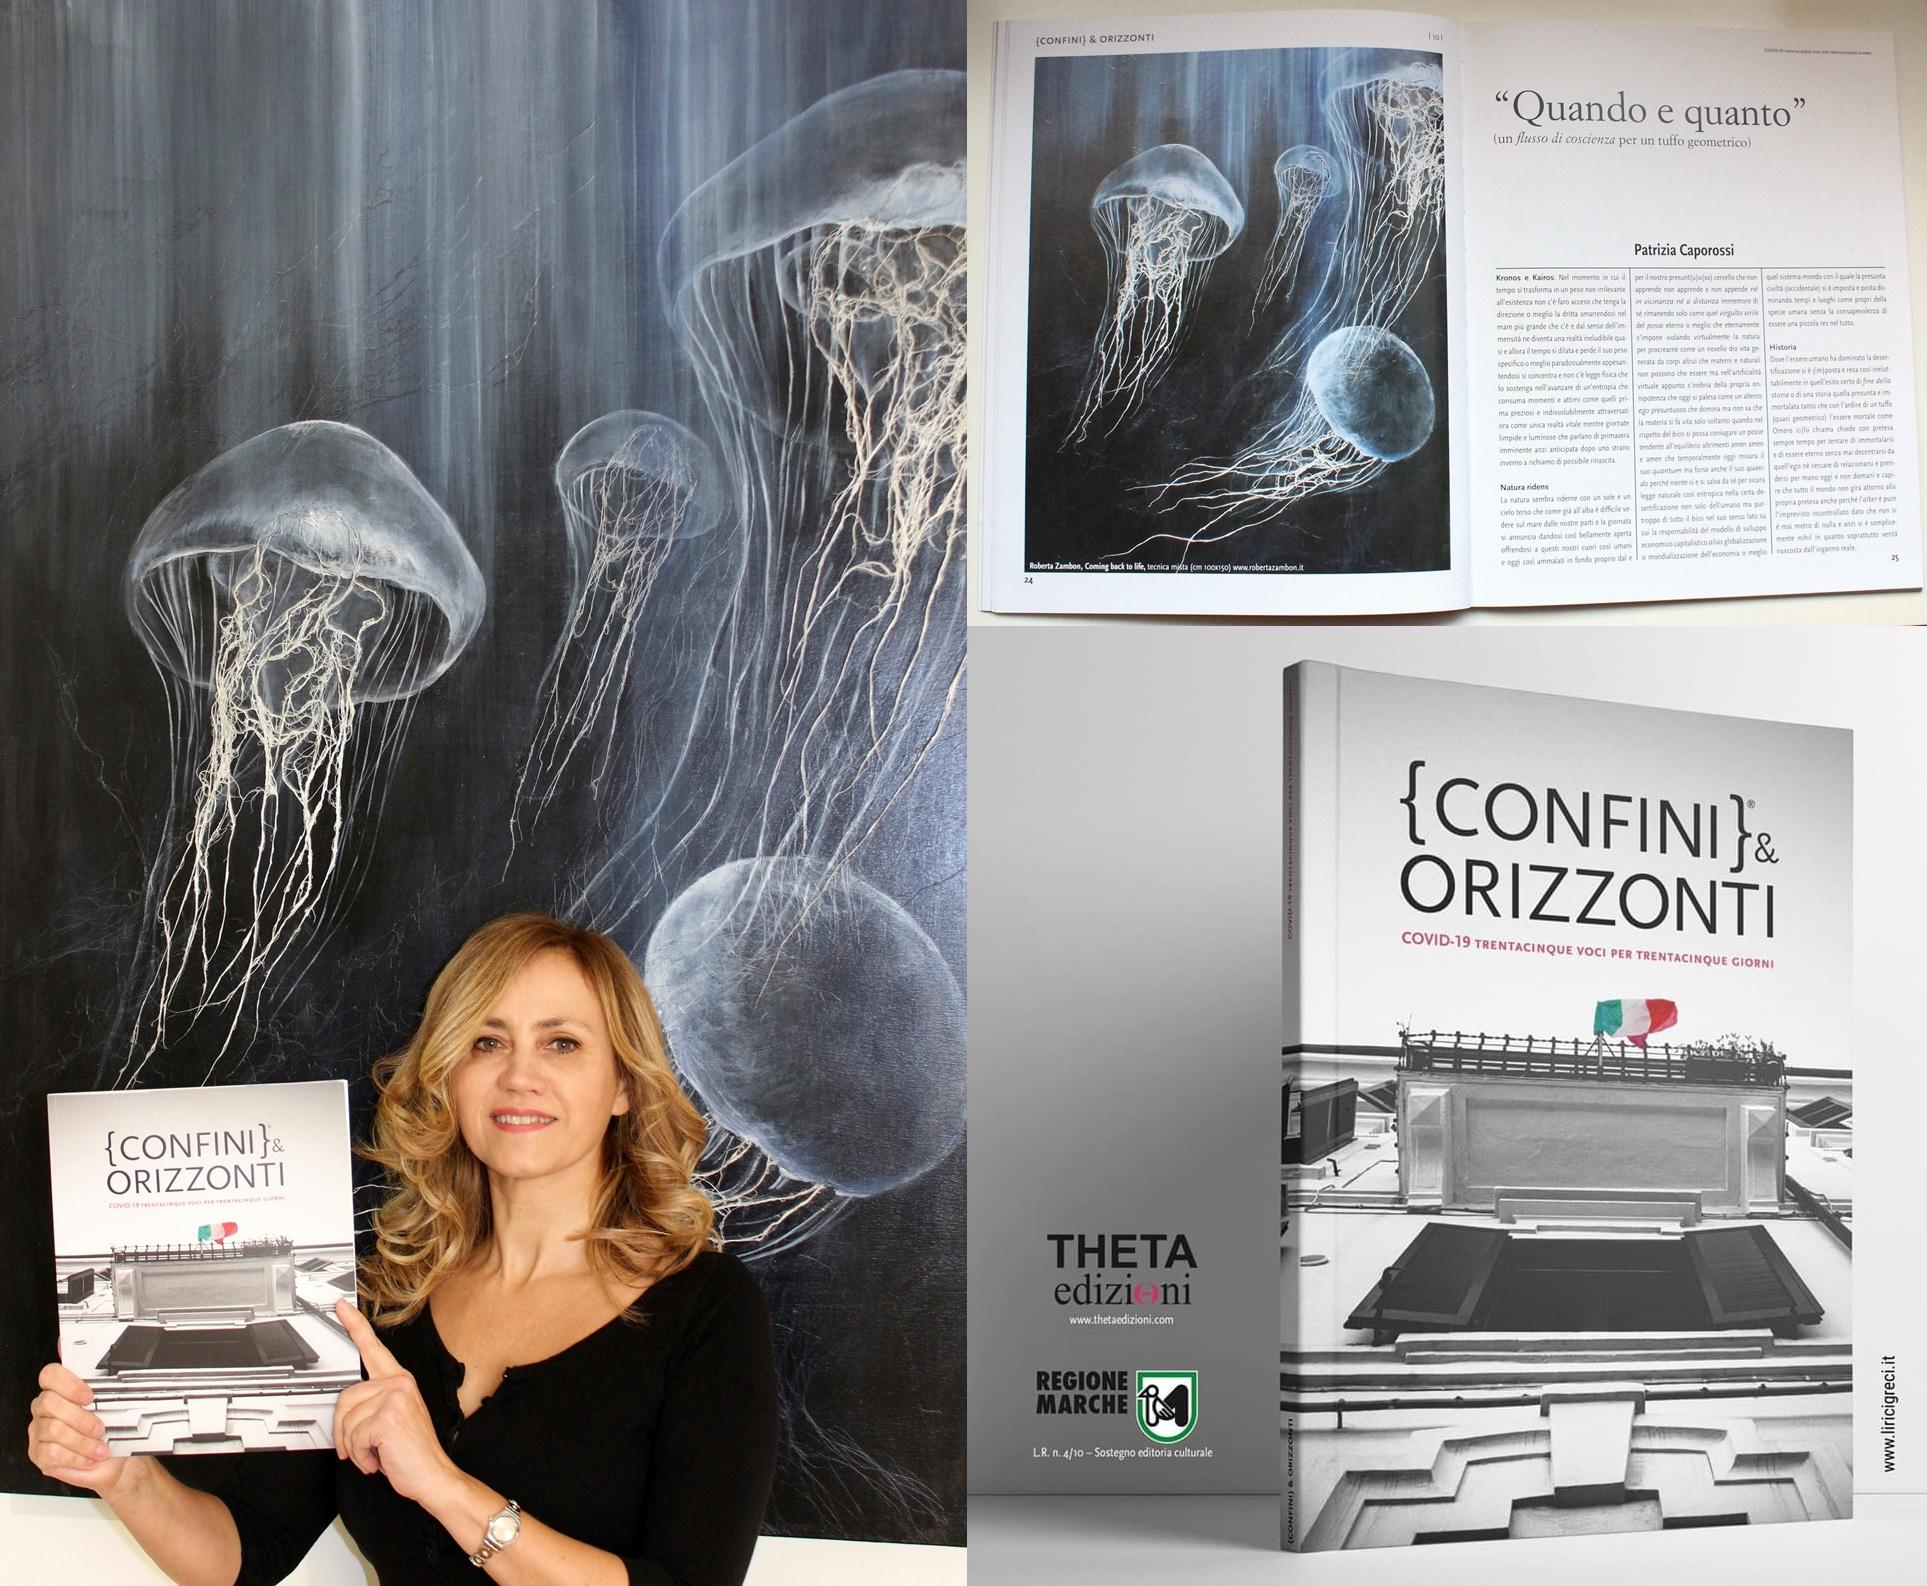 COVID-19,Theta Edizioni,Lirici greci,Roberta Zambon, Quarantena,2020,Artisti,Paolo Ercolani,Confini & Orizzonti,Festival del pensiero plurale